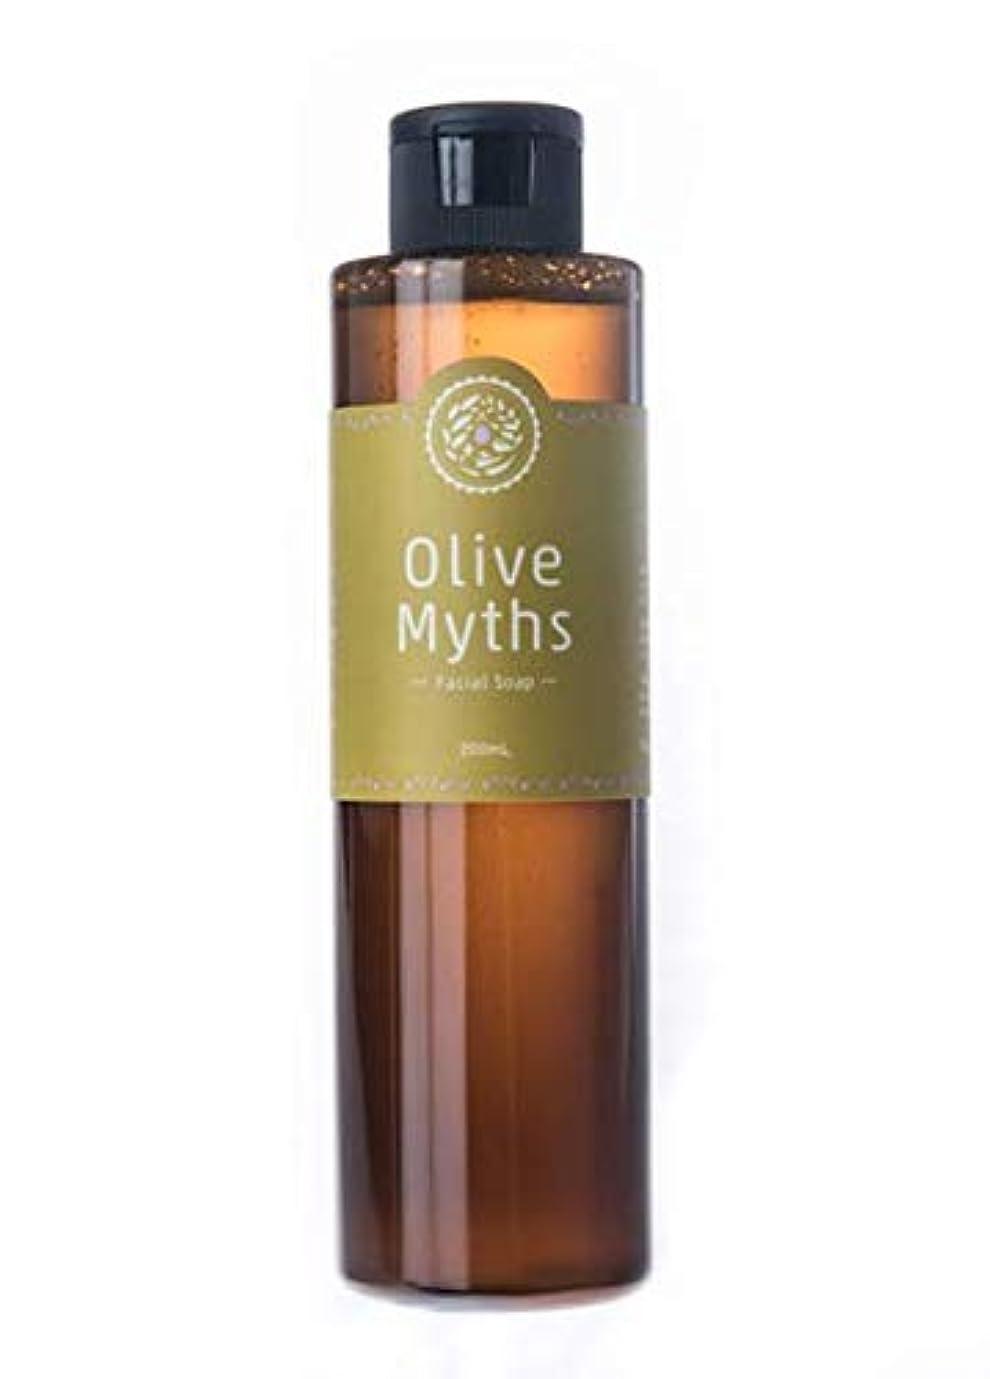 ブレークヘクタール帝国主義maestria. OliveMyths 『Olive Myths フェイシャルソープ』200ml MJOM-002